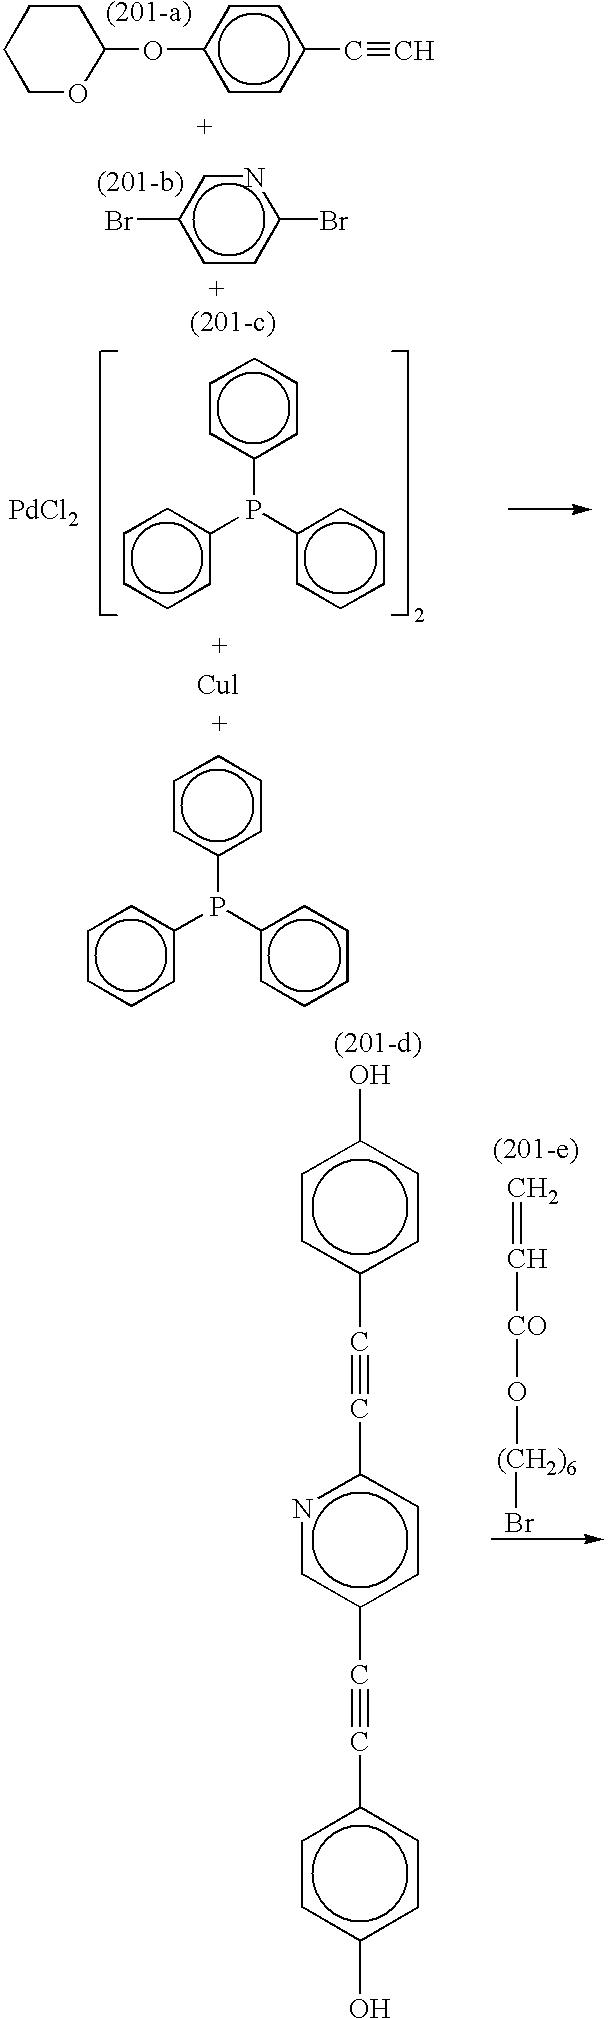 Figure US20030011725A1-20030116-C00011